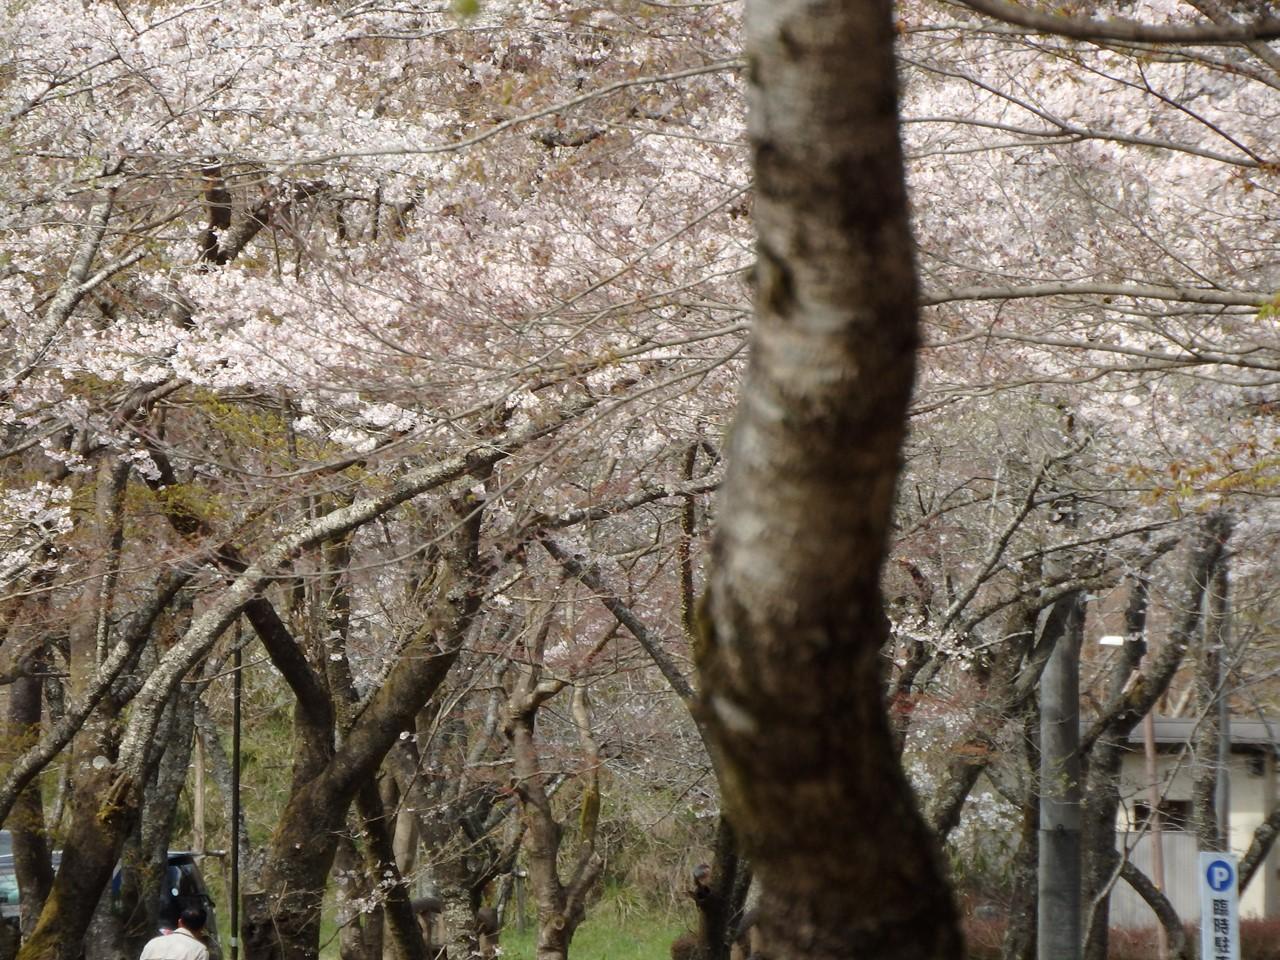 『寺尾ヶ原千本桜公園を歩いて』_d0054276_2103266.jpg